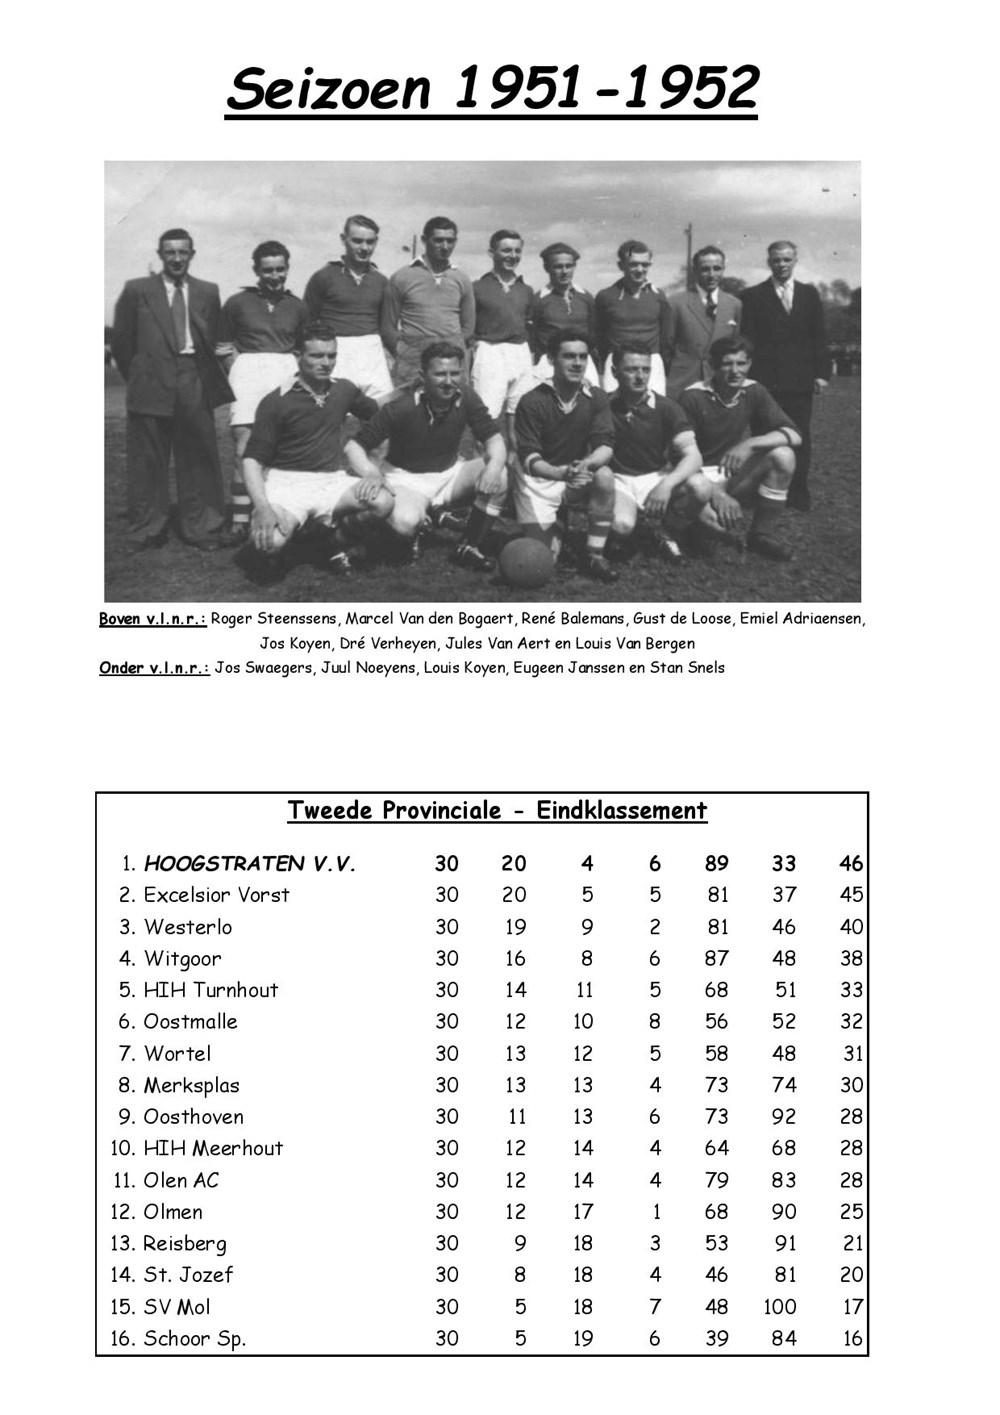 seizoen_1951-1952-page-001.jpg